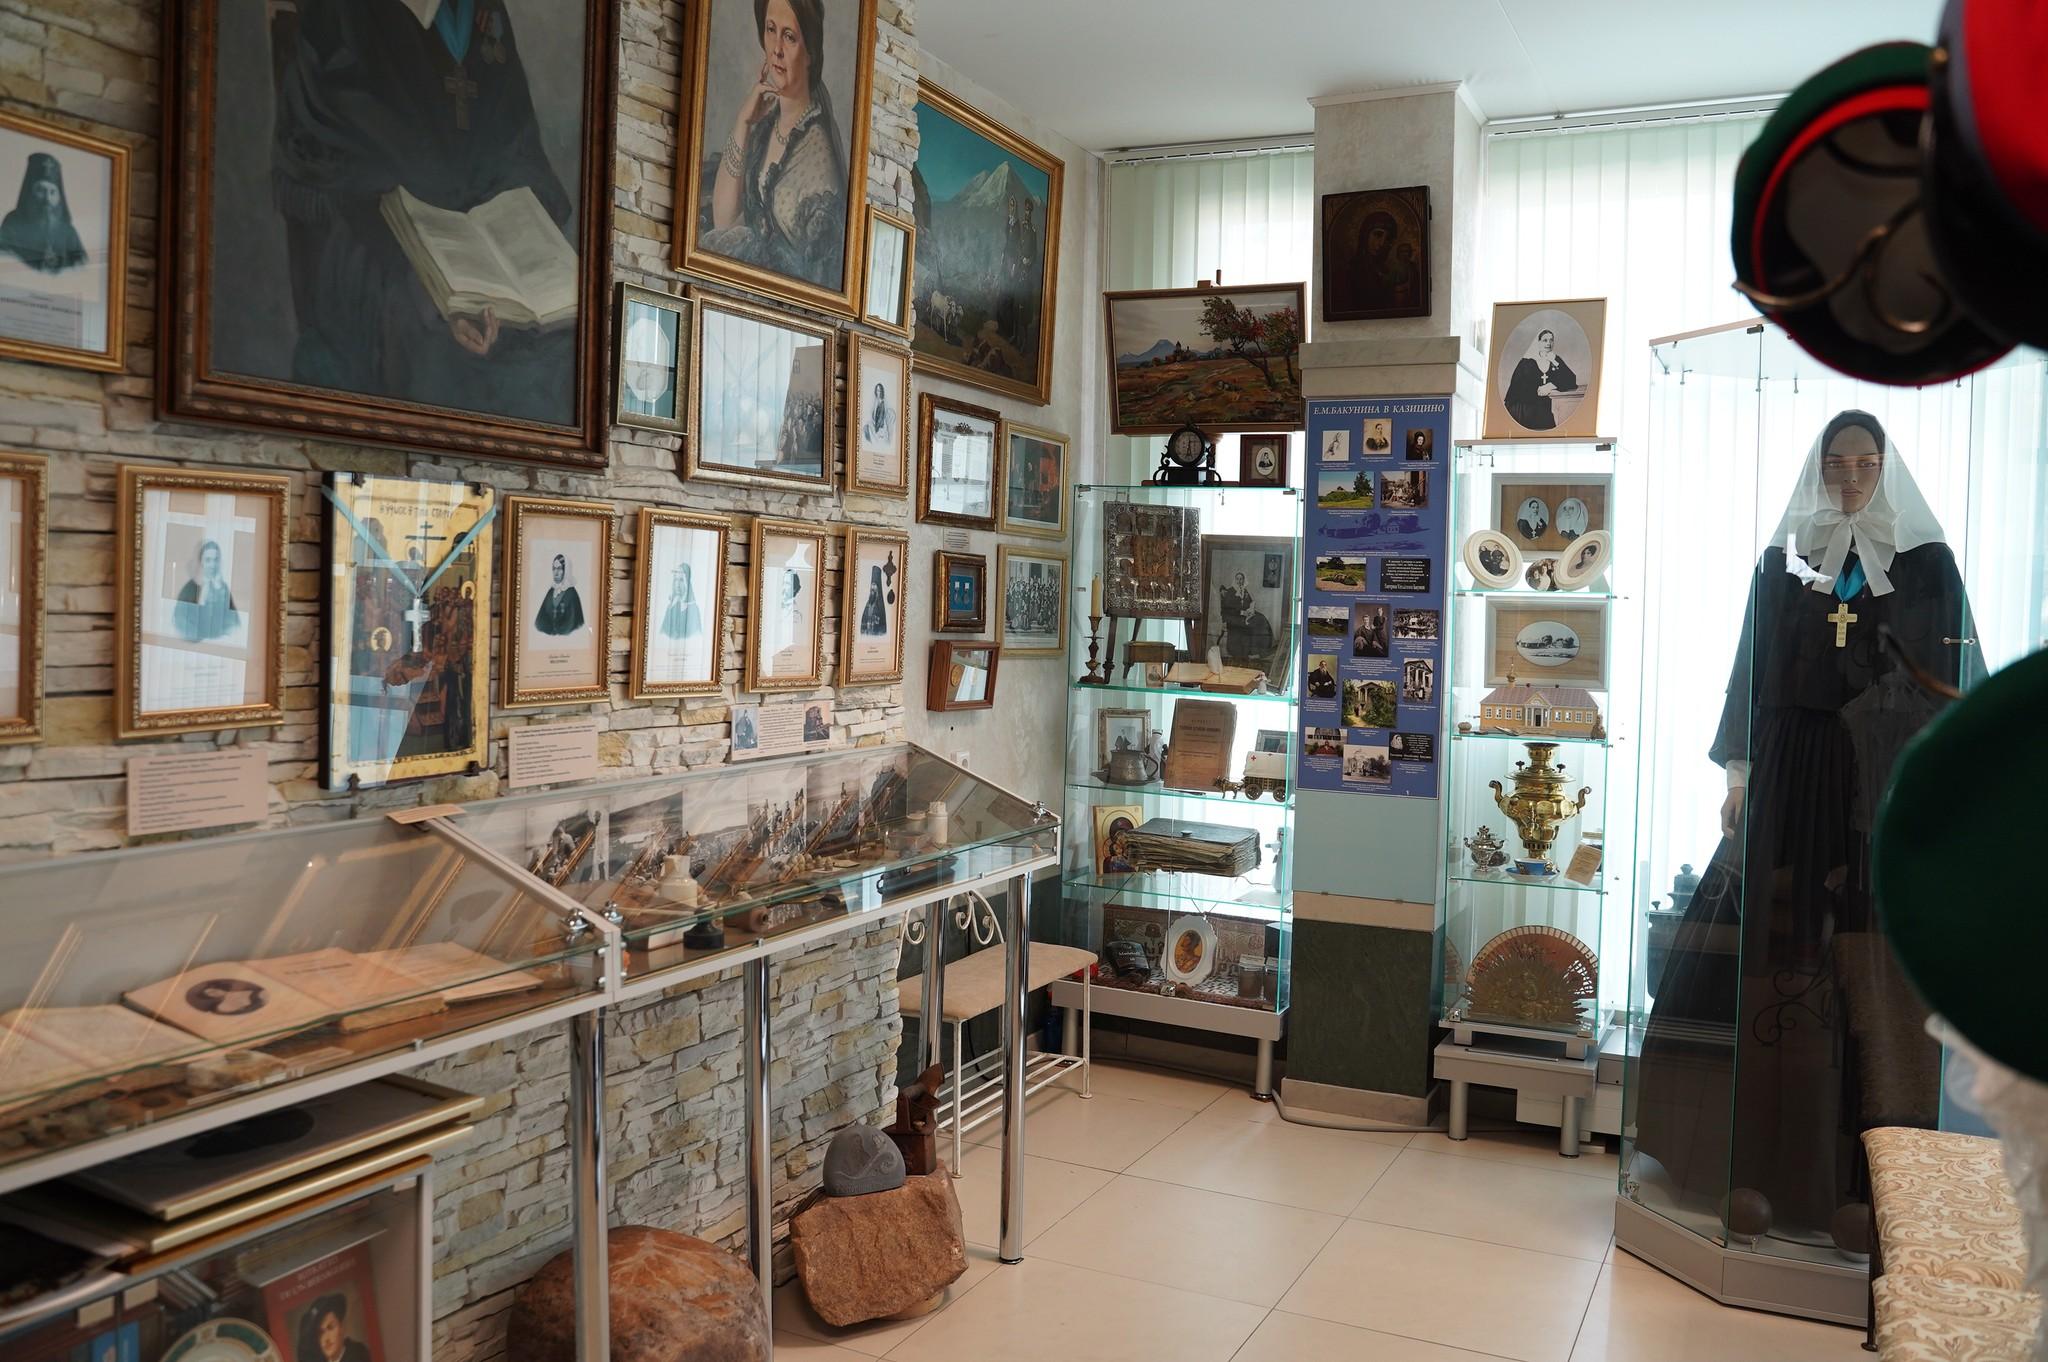 В Твери открыли расширенный музей сестры милосердия Екатерины Бакуниной